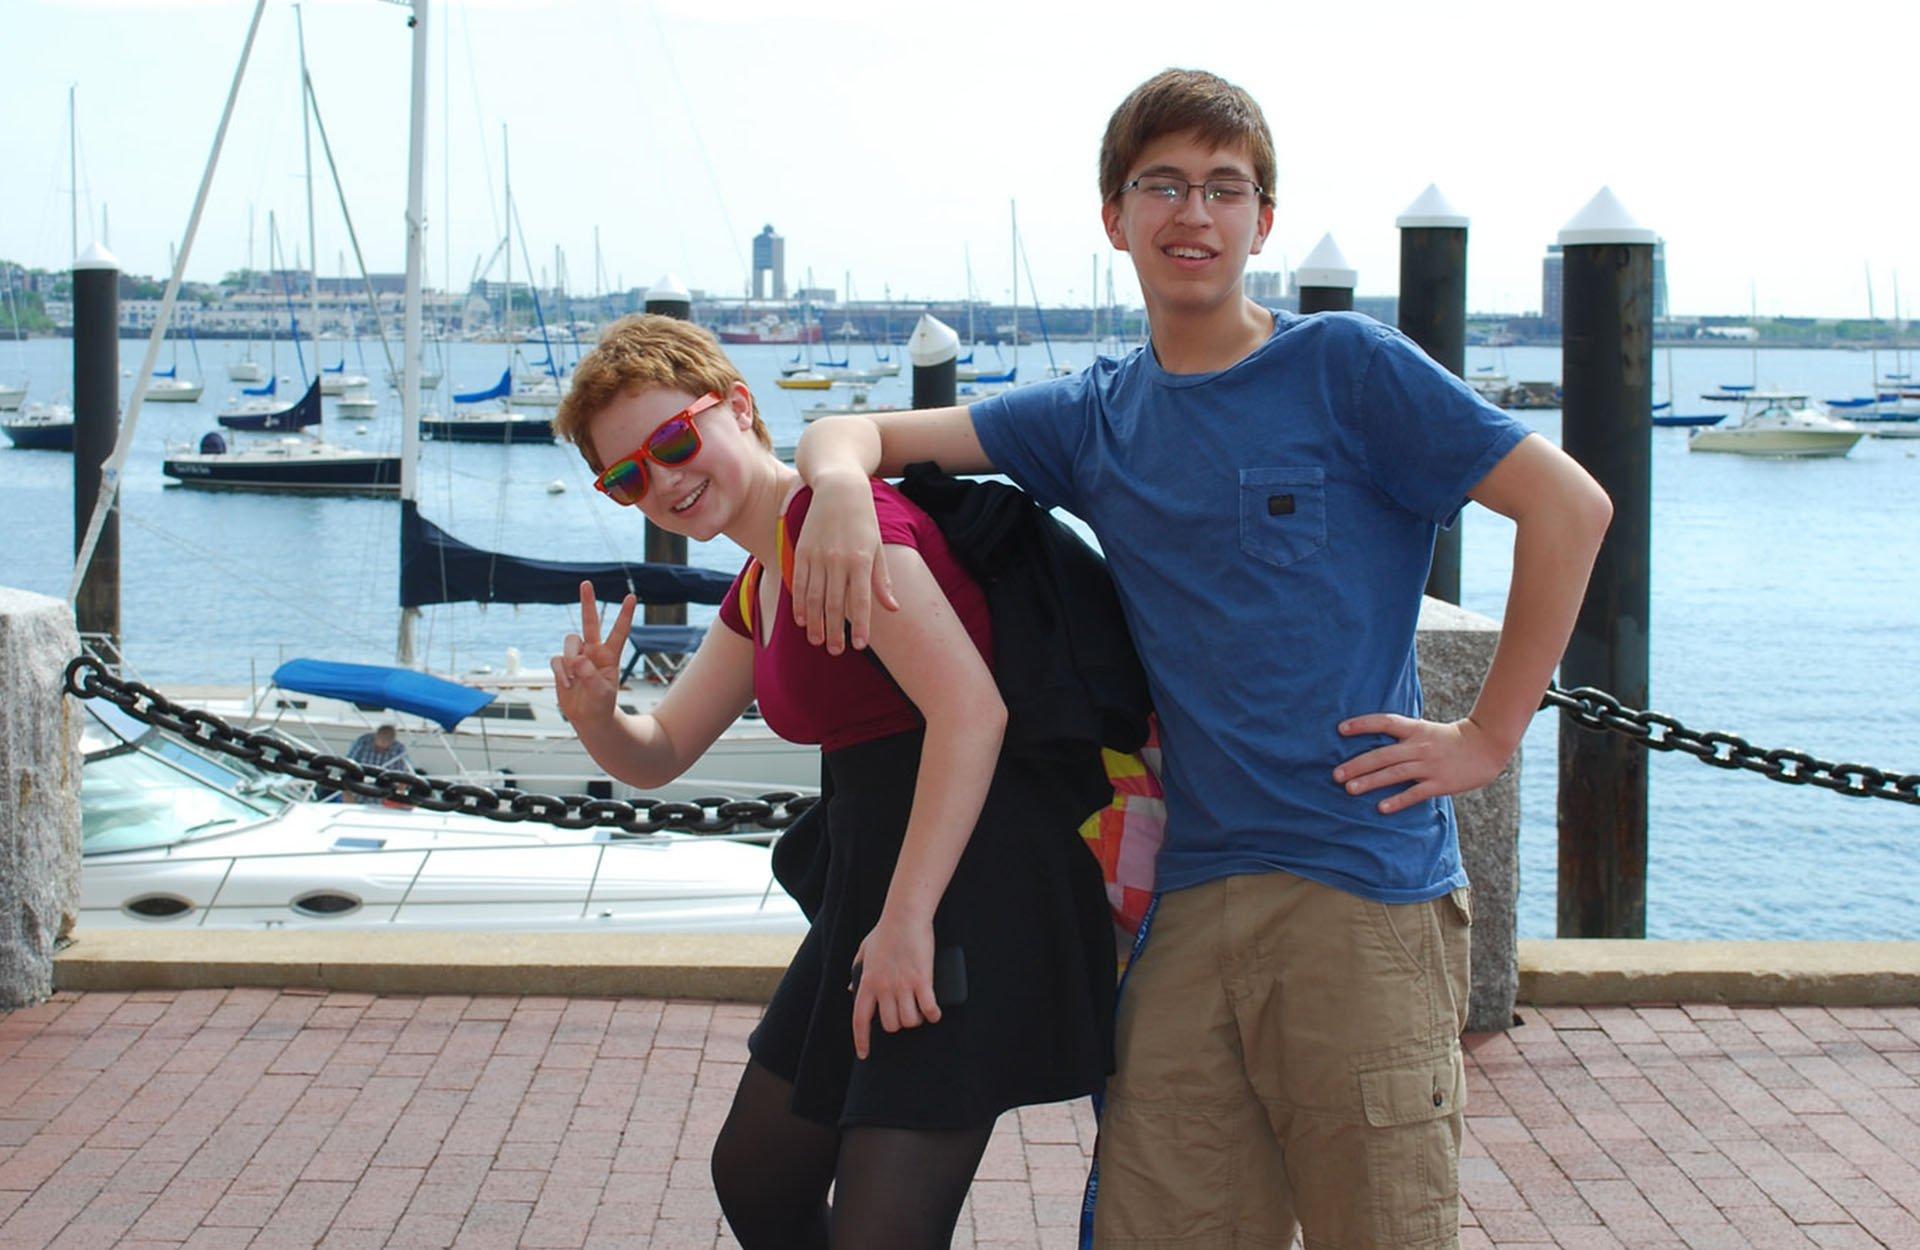 JSED_USA_Boston_Harbor_Youth